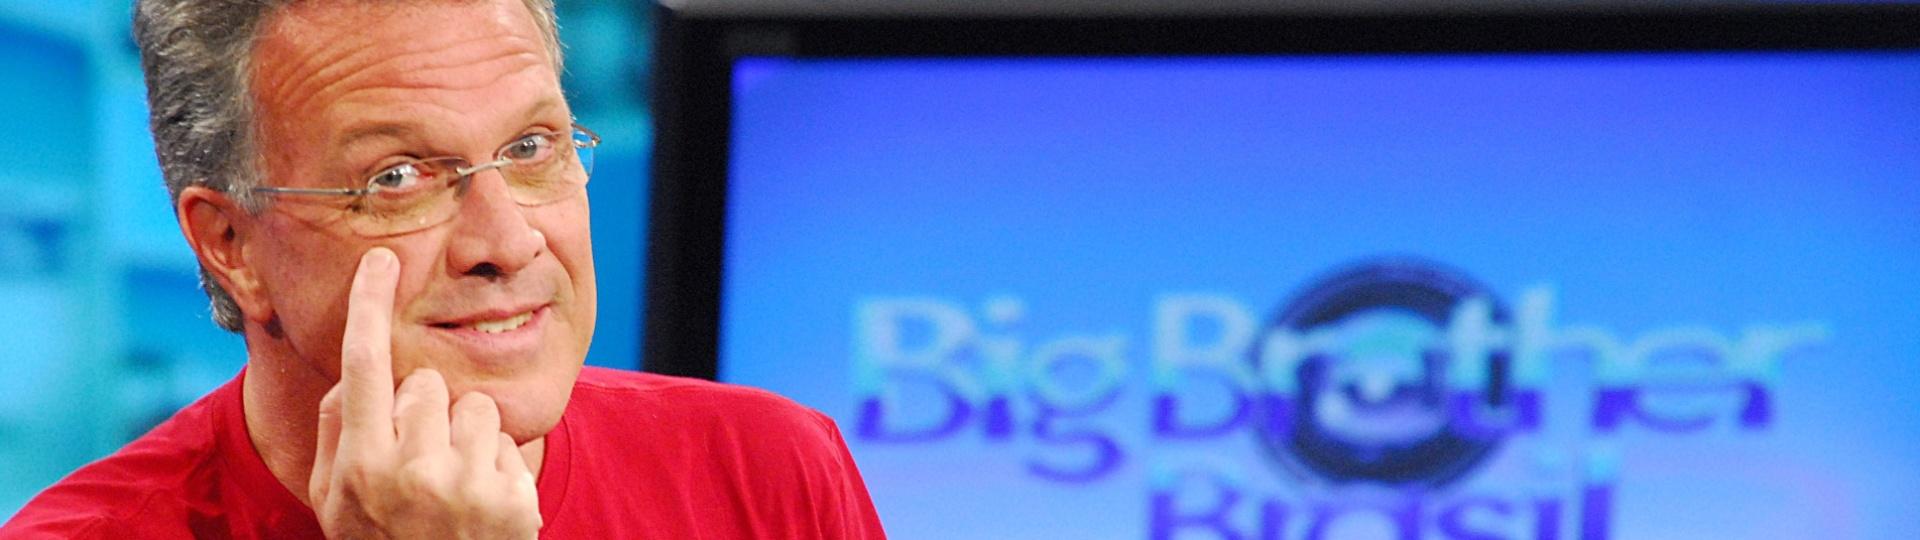 21.jan.2008 - O jornalista Pedro Bial, apresentador do